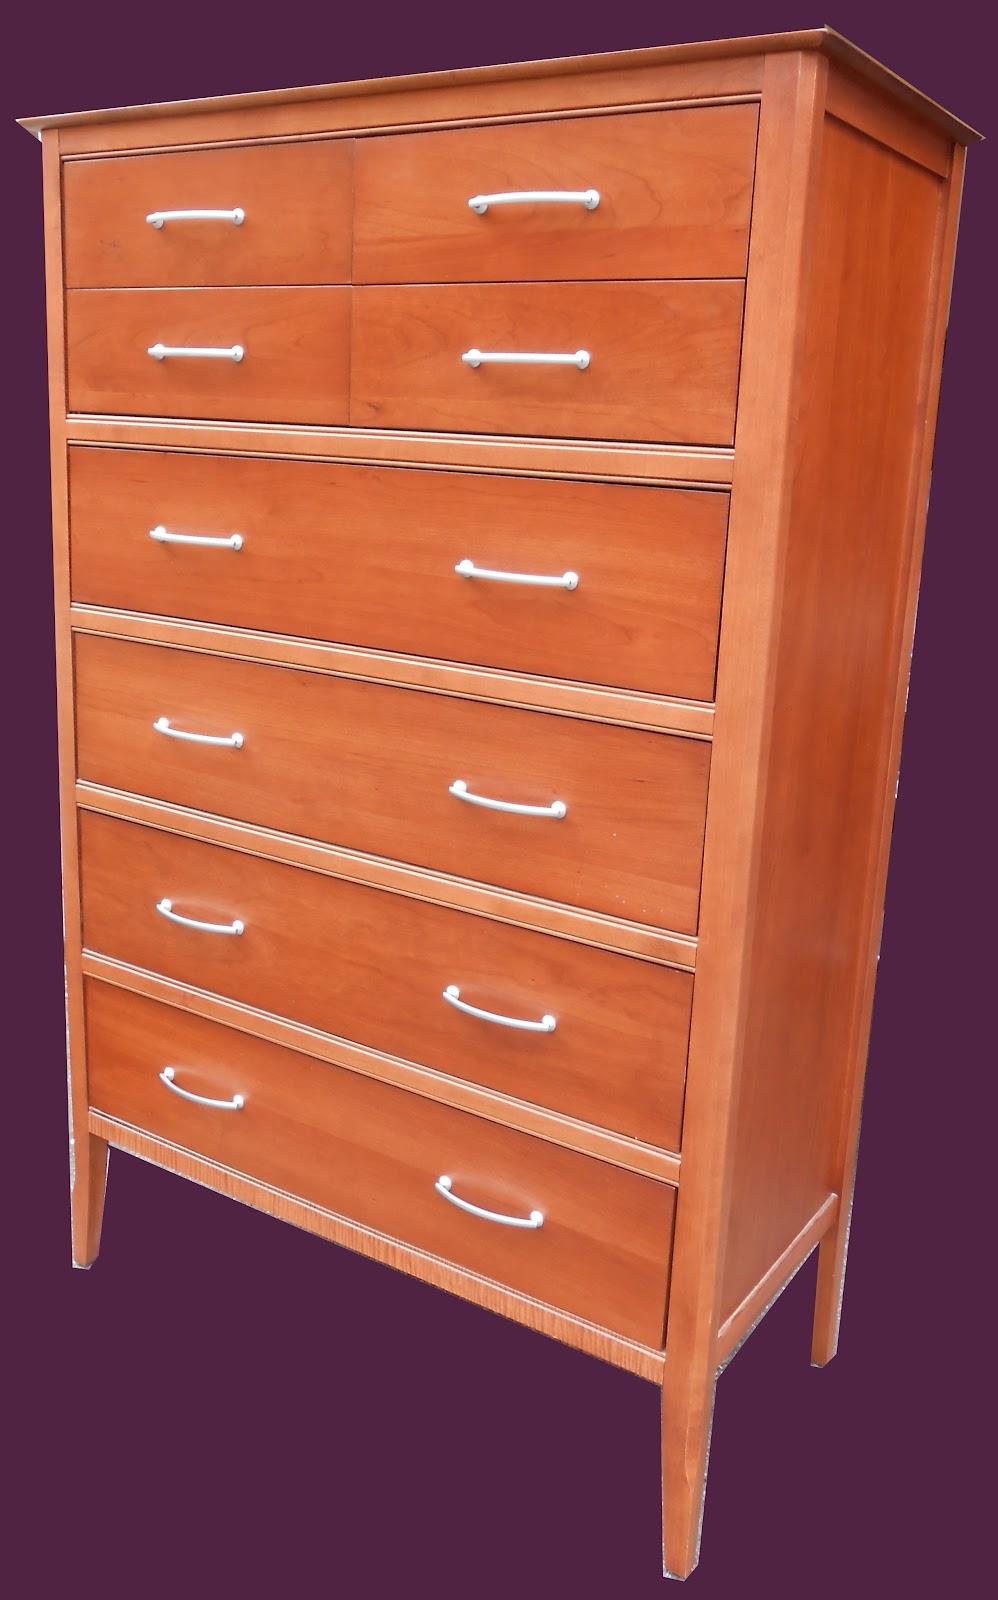 uhuru furniture collectibles canadian solid wood bedroom set sold. Black Bedroom Furniture Sets. Home Design Ideas